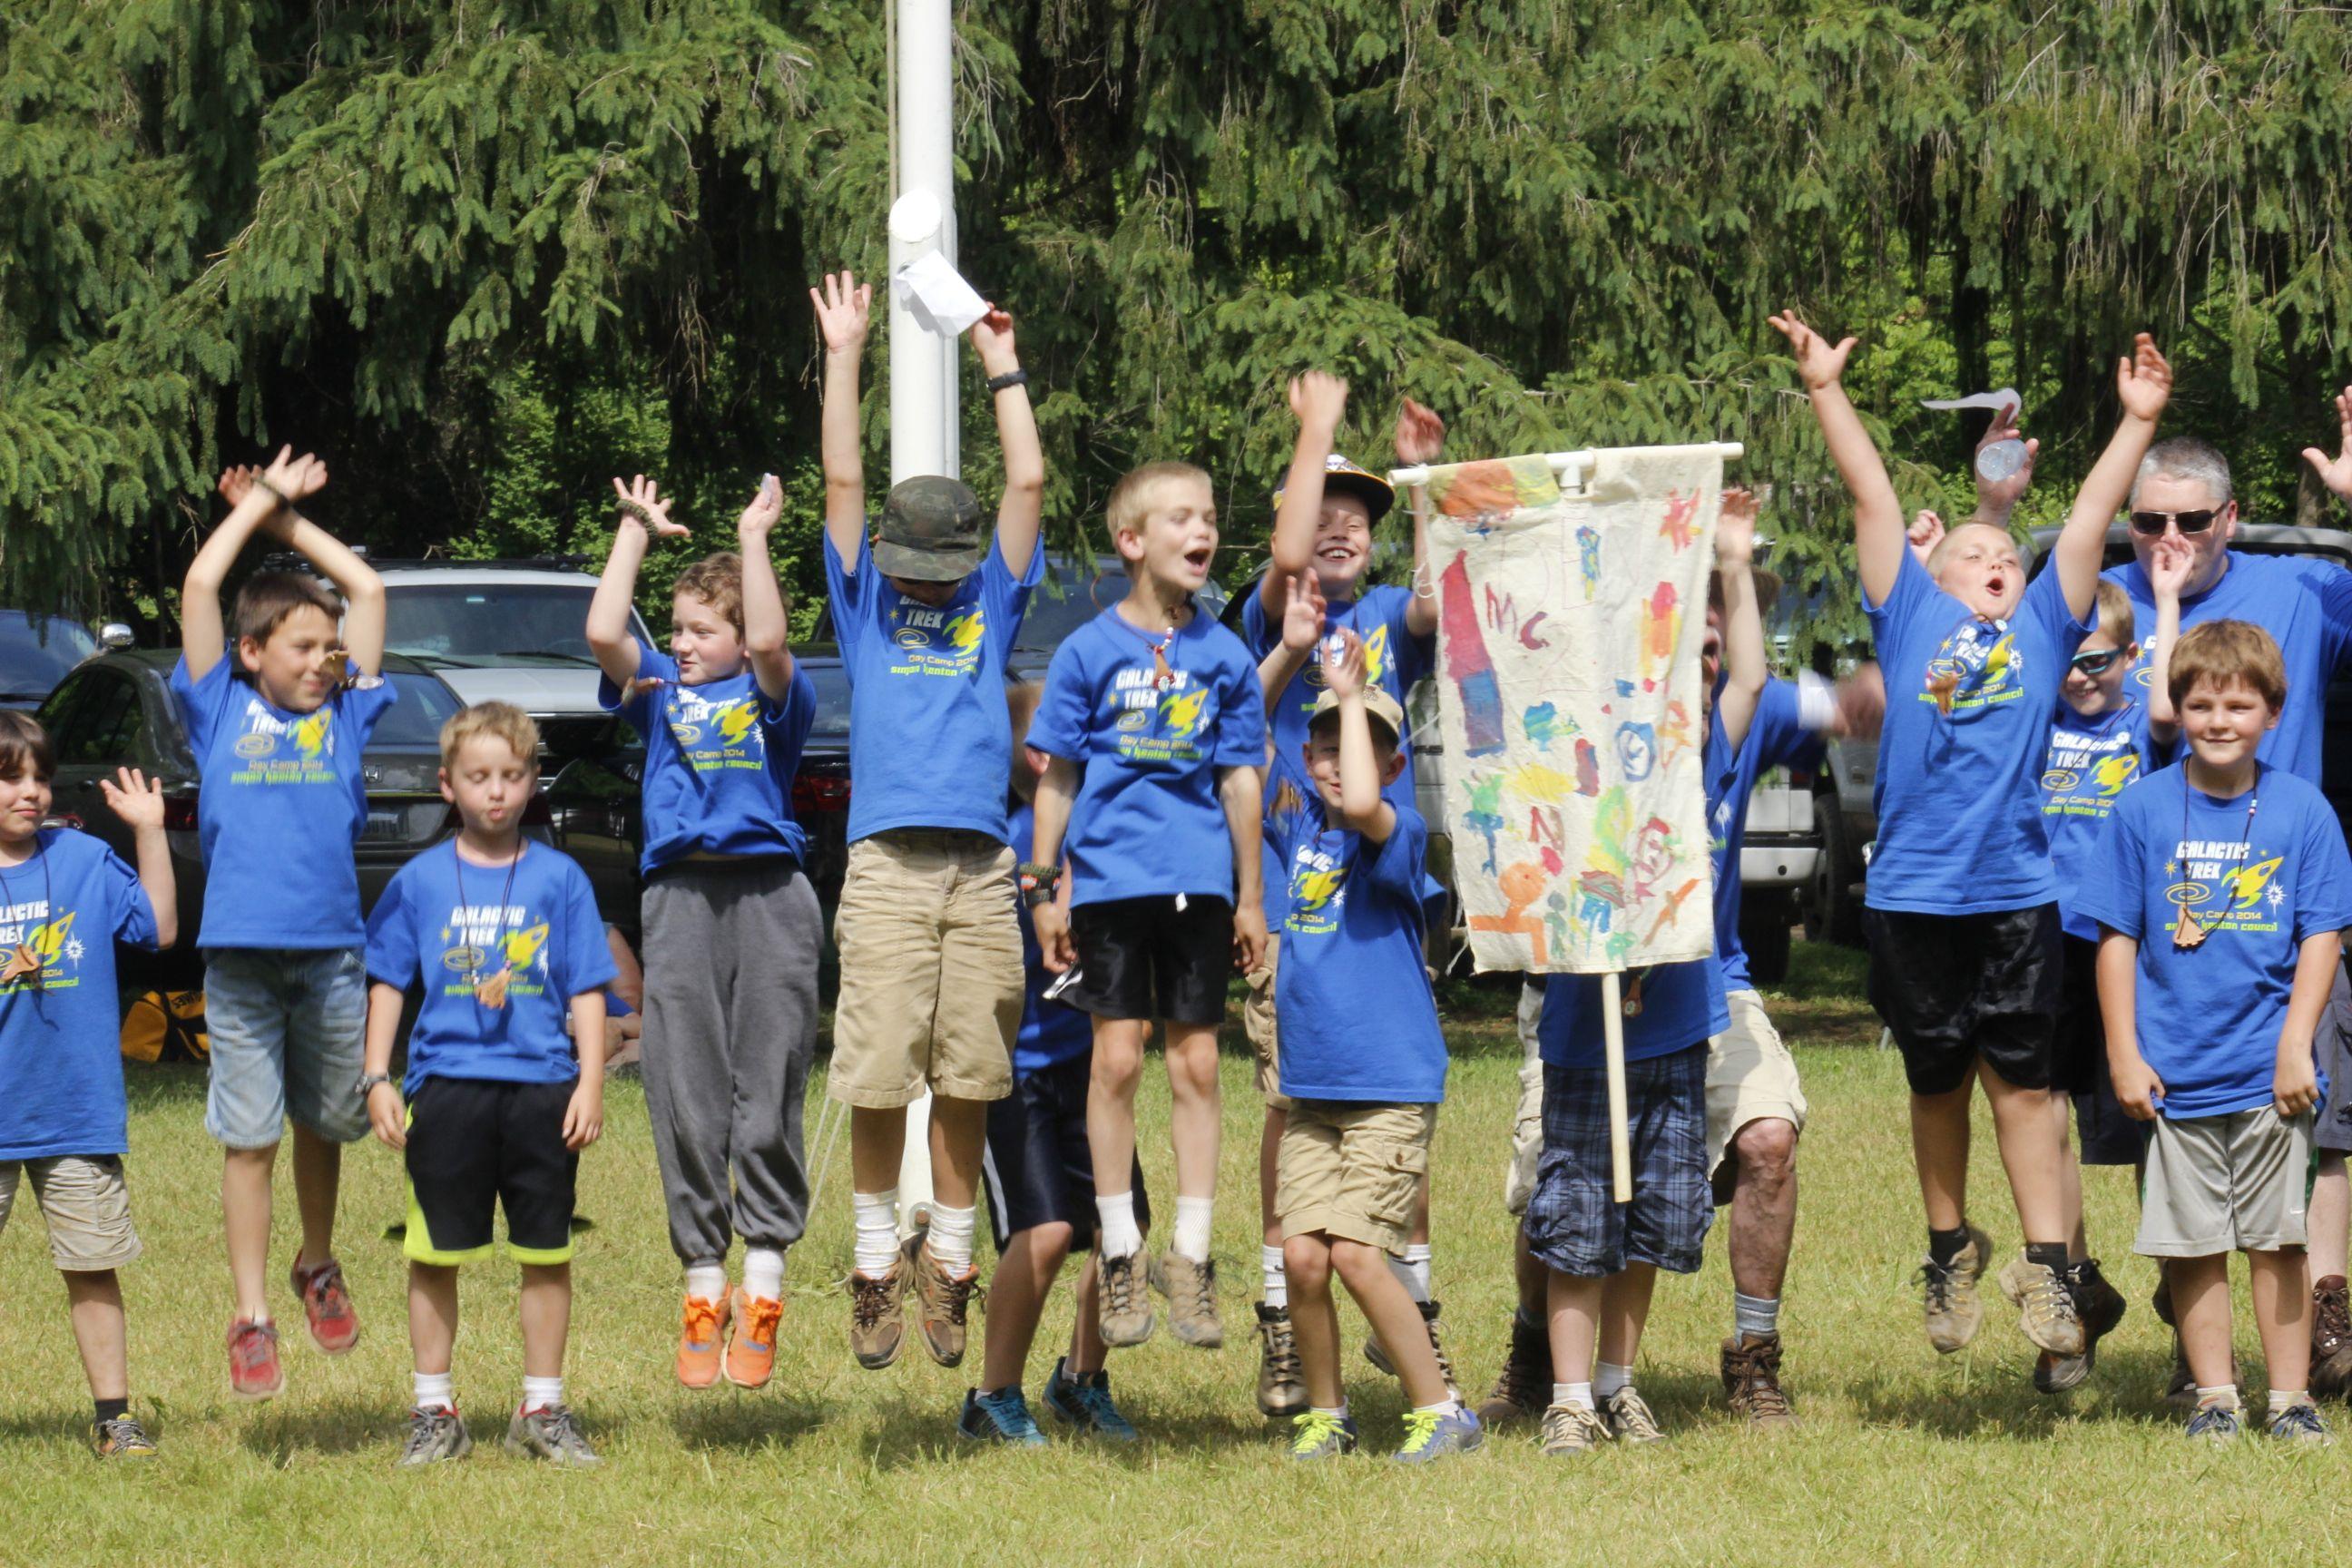 Day Camp 3 – Simon Kenton Council Boy Scouts of America